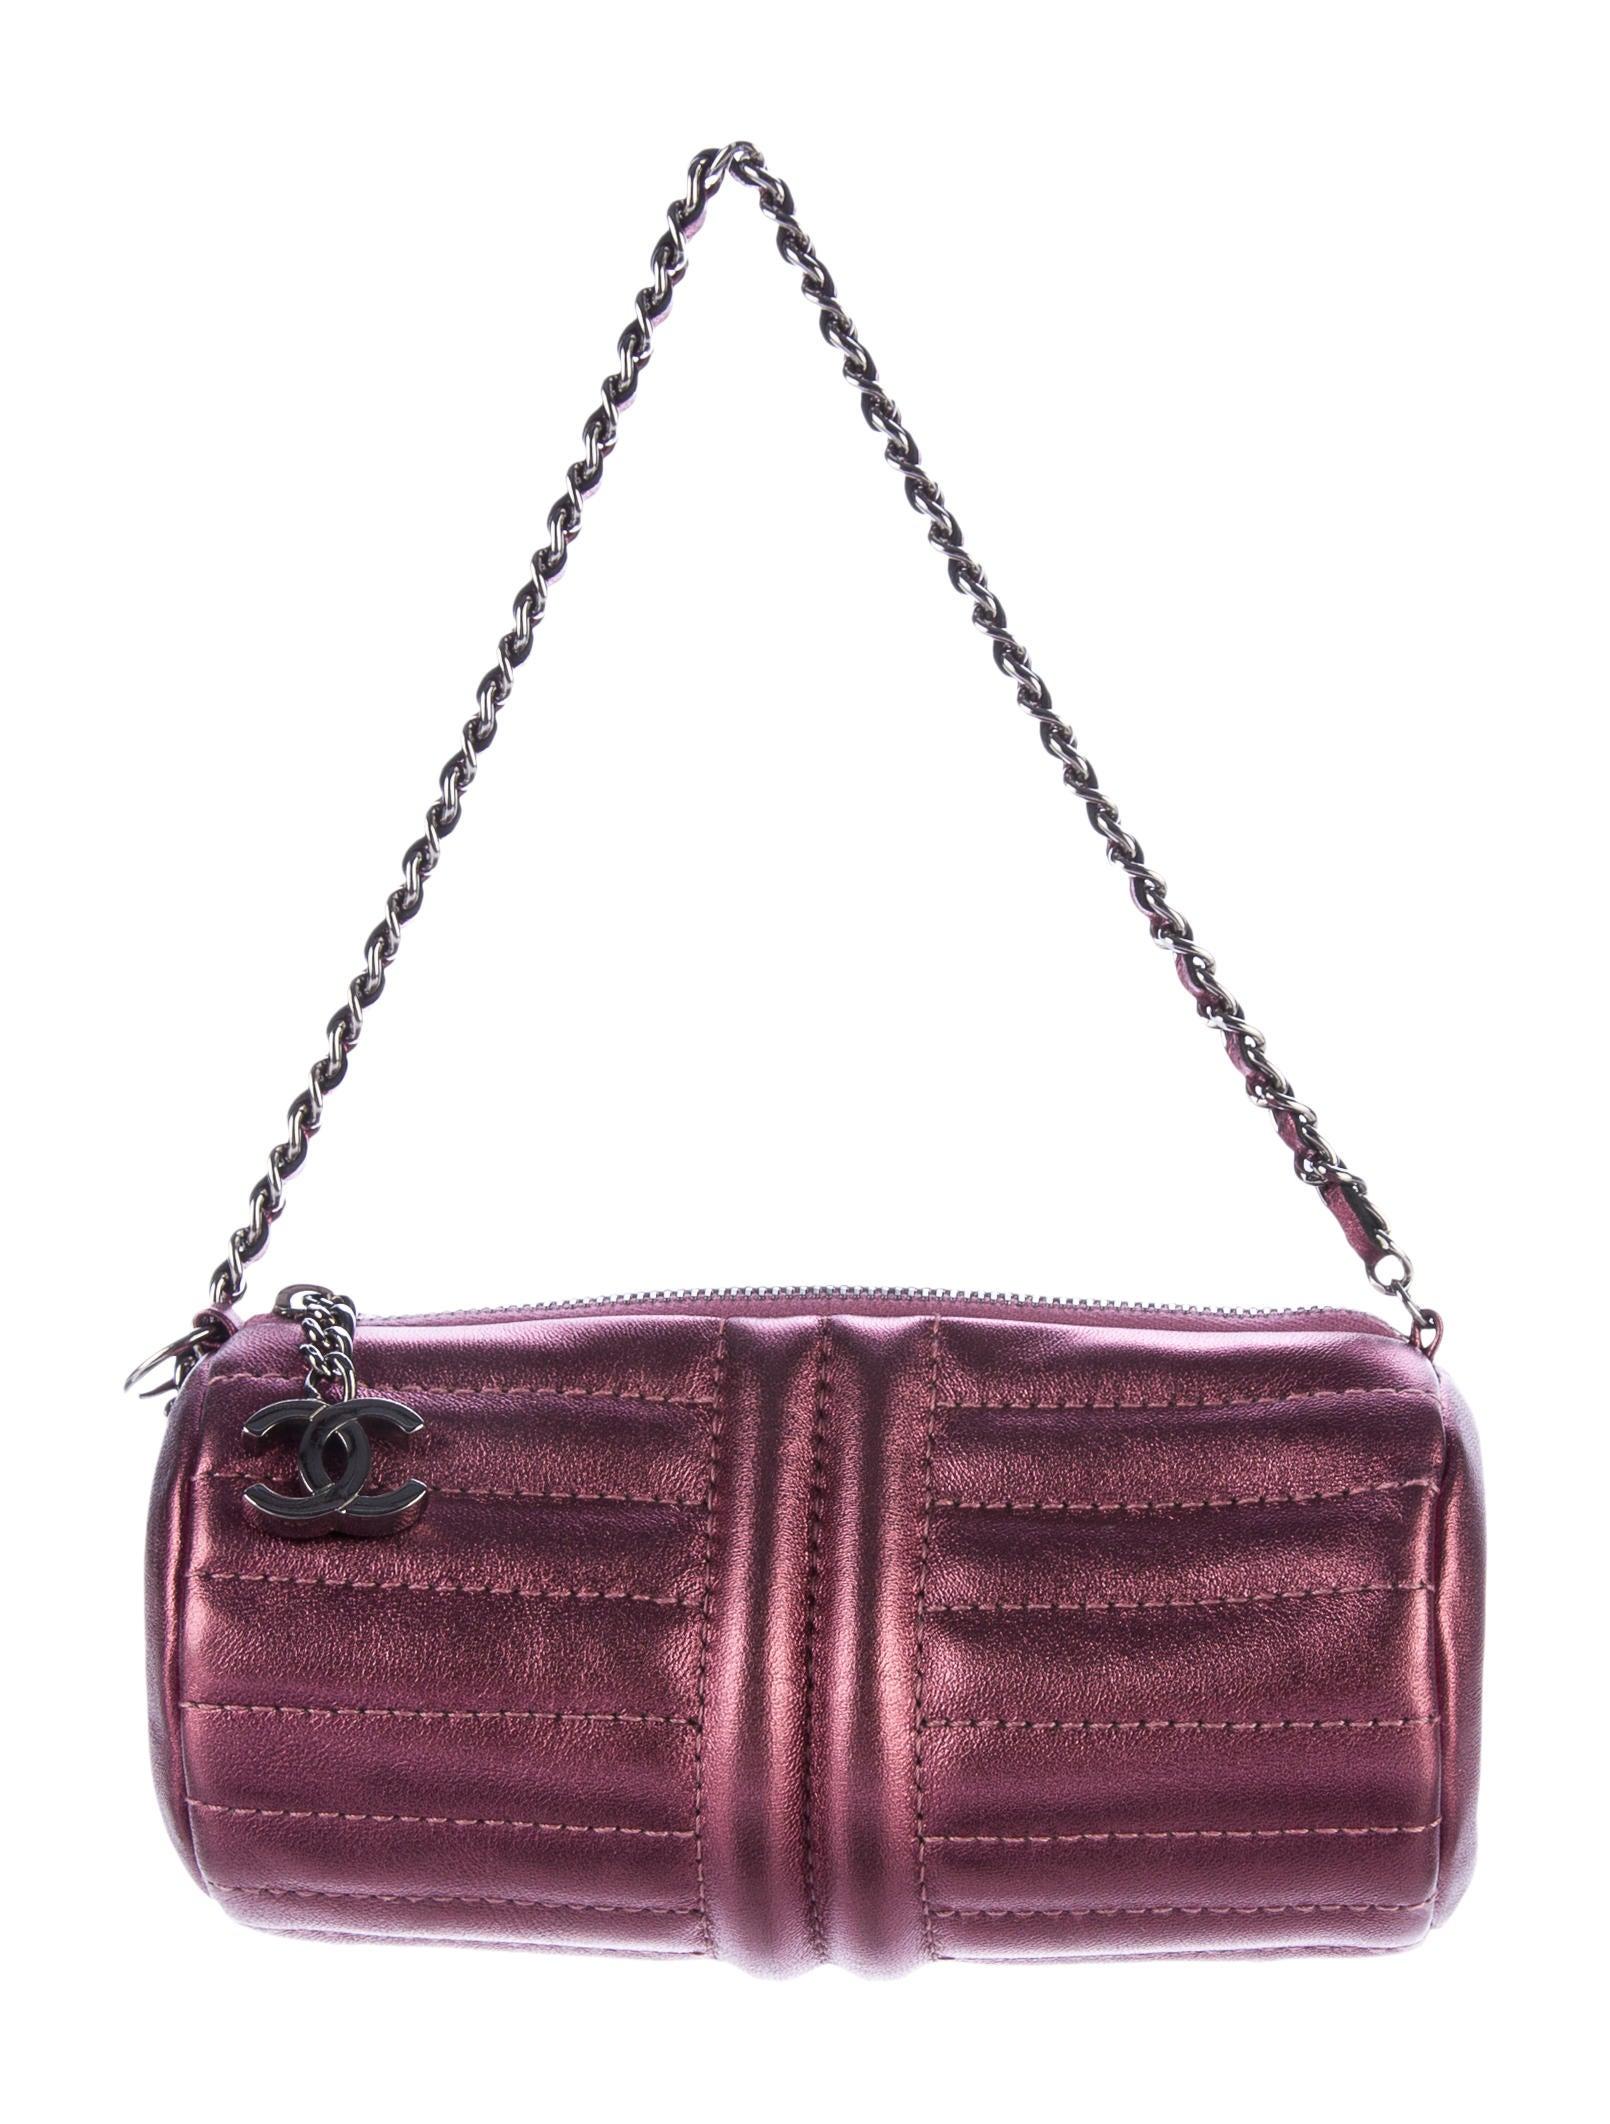 3617d6ba11ef Chanel Mini Barrel Bag - Handbags - CHA182536